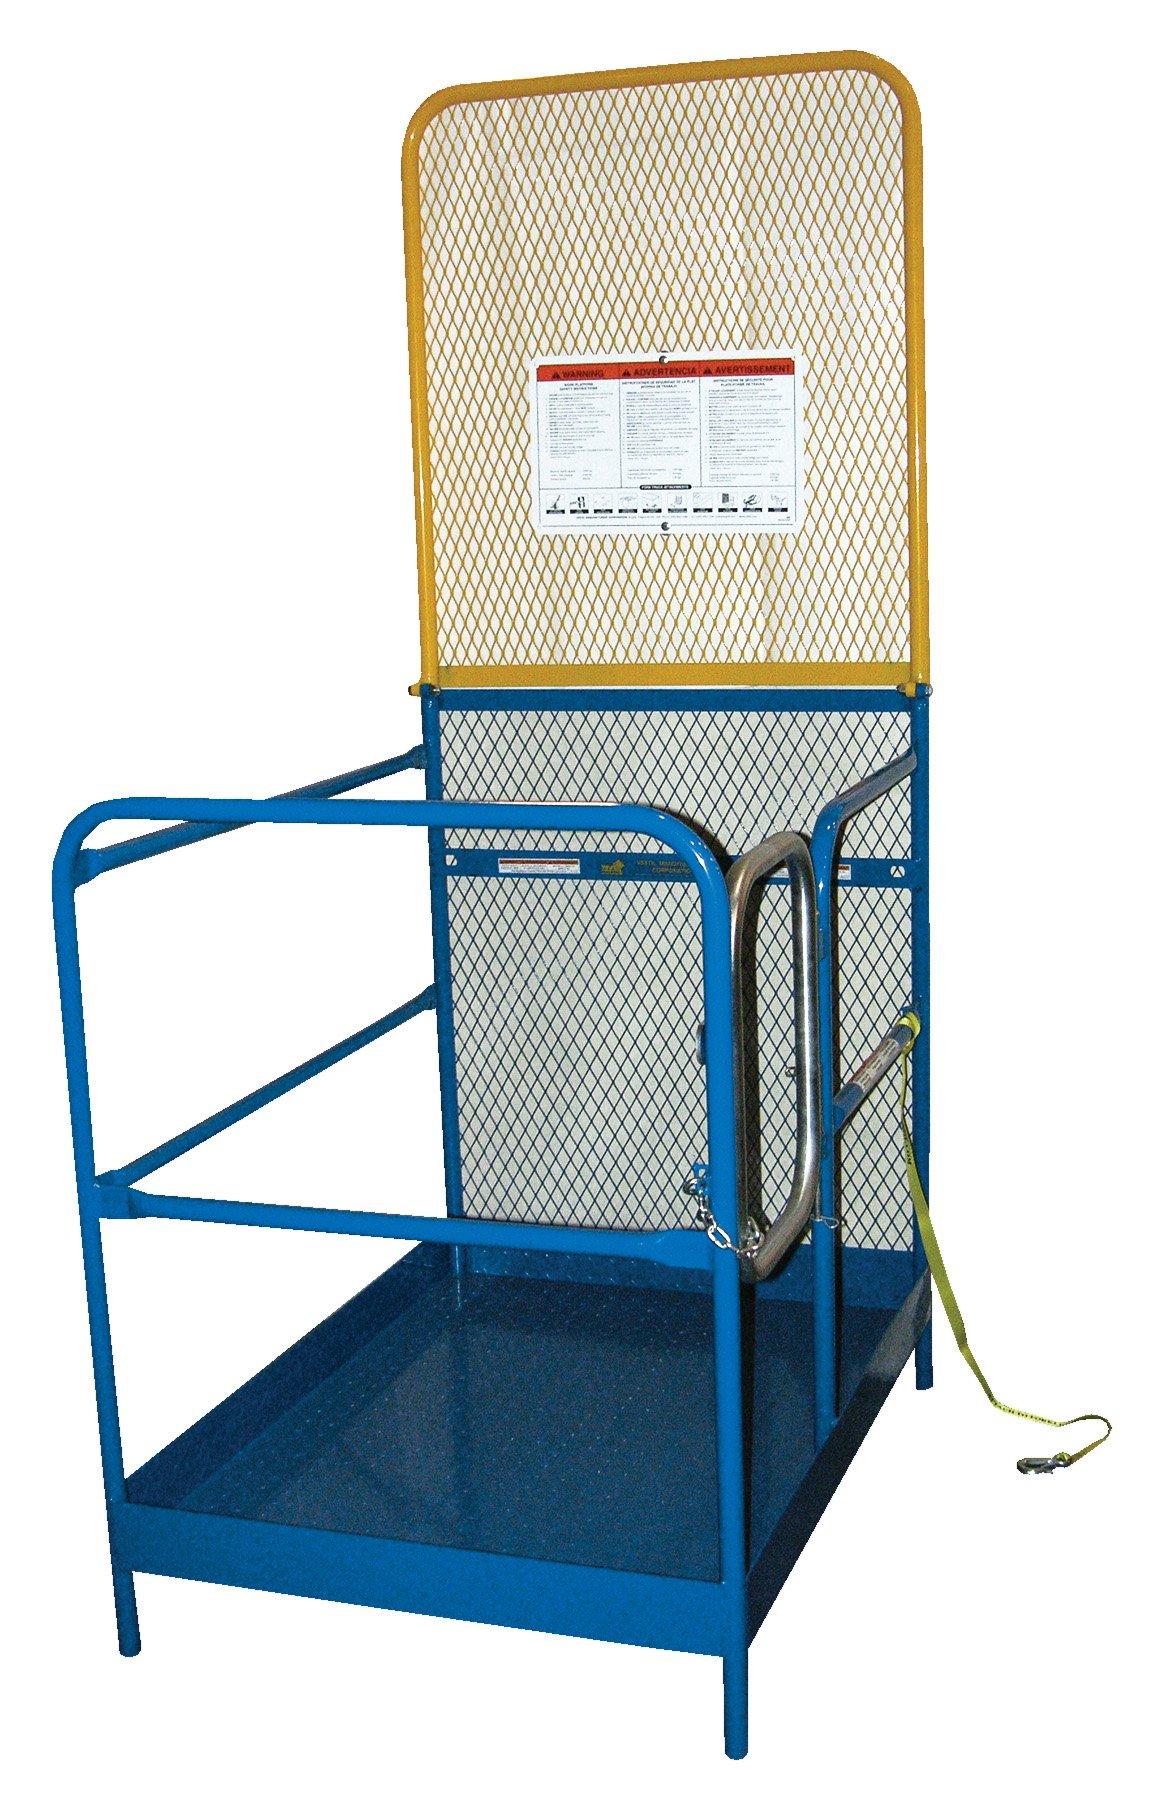 Vestil Work Platform Optional 84 In Back Height by Vestil (Image #1)